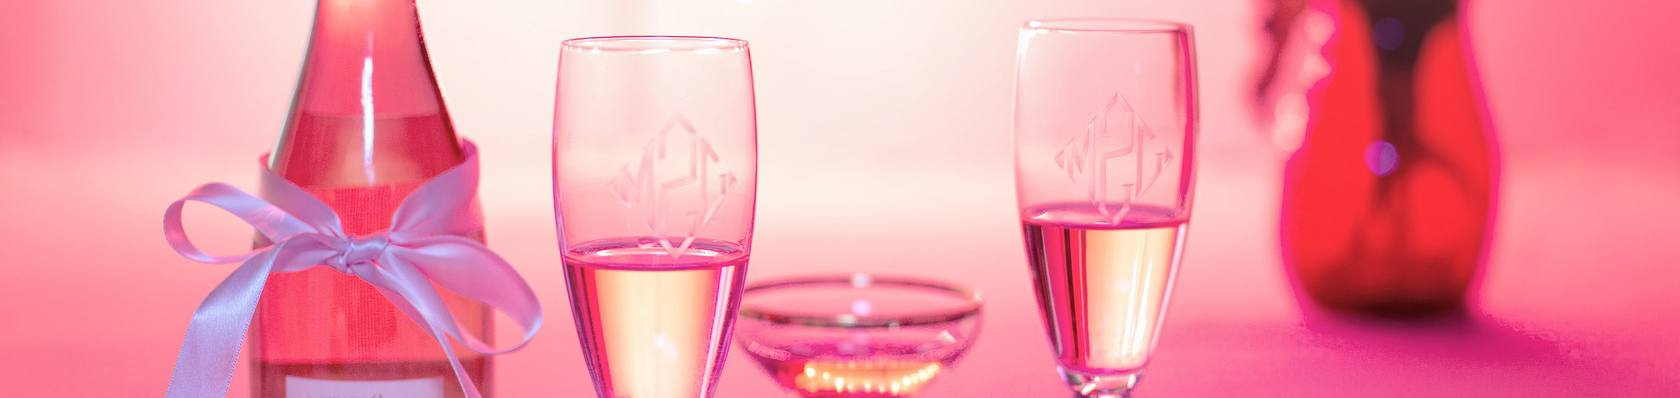 Roséweine im Test auf ExpertenTesten.de